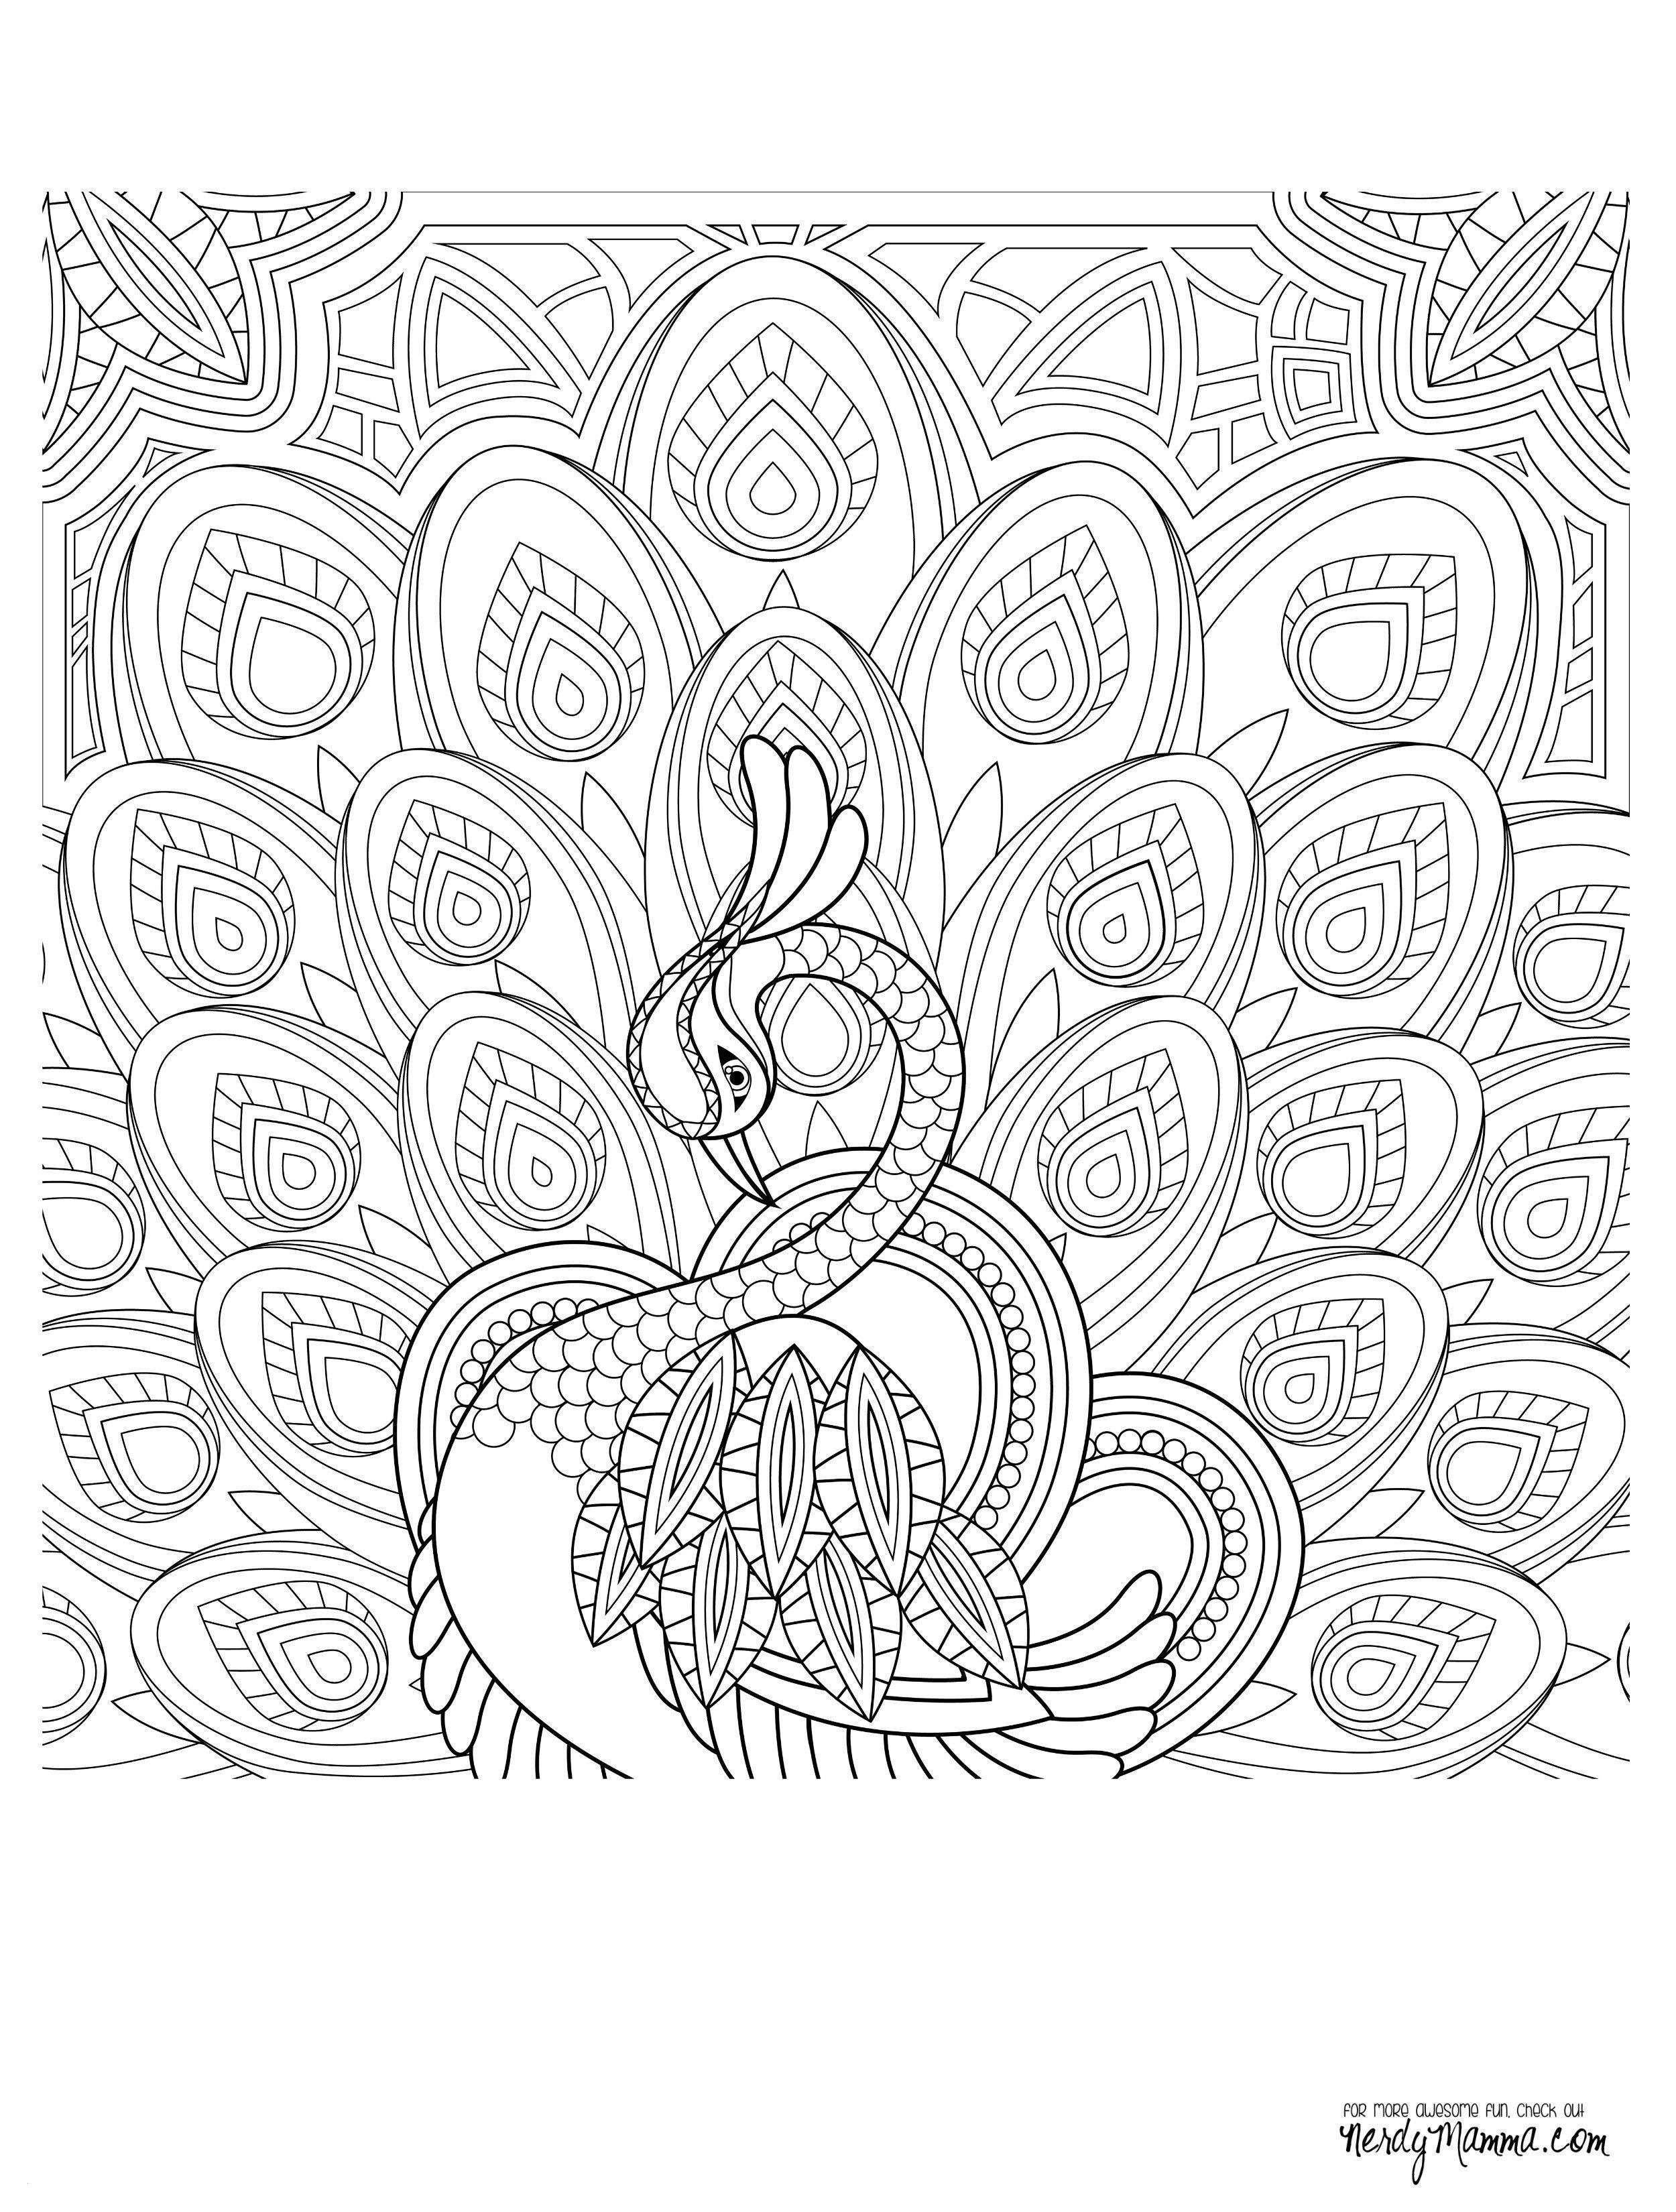 Minnie Maus Malvorlagen Inspirierend 40 Mini Maus Ausmalbilder Scoredatscore Inspirierend Ausmalbilder Bild